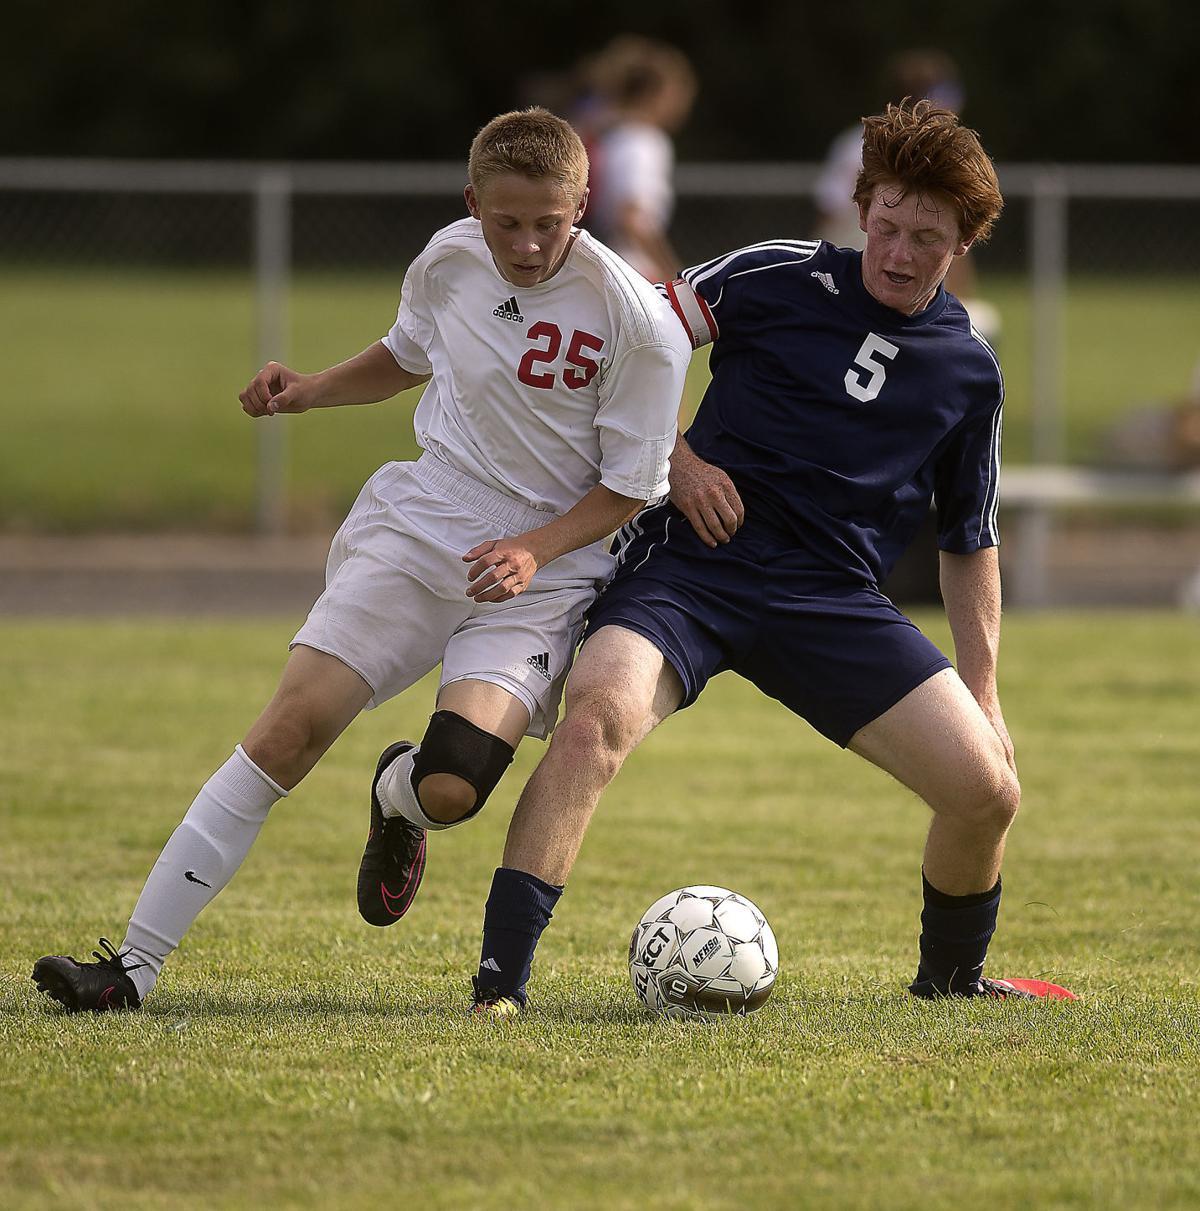 Boys Soccer - Community School Vs. Filer